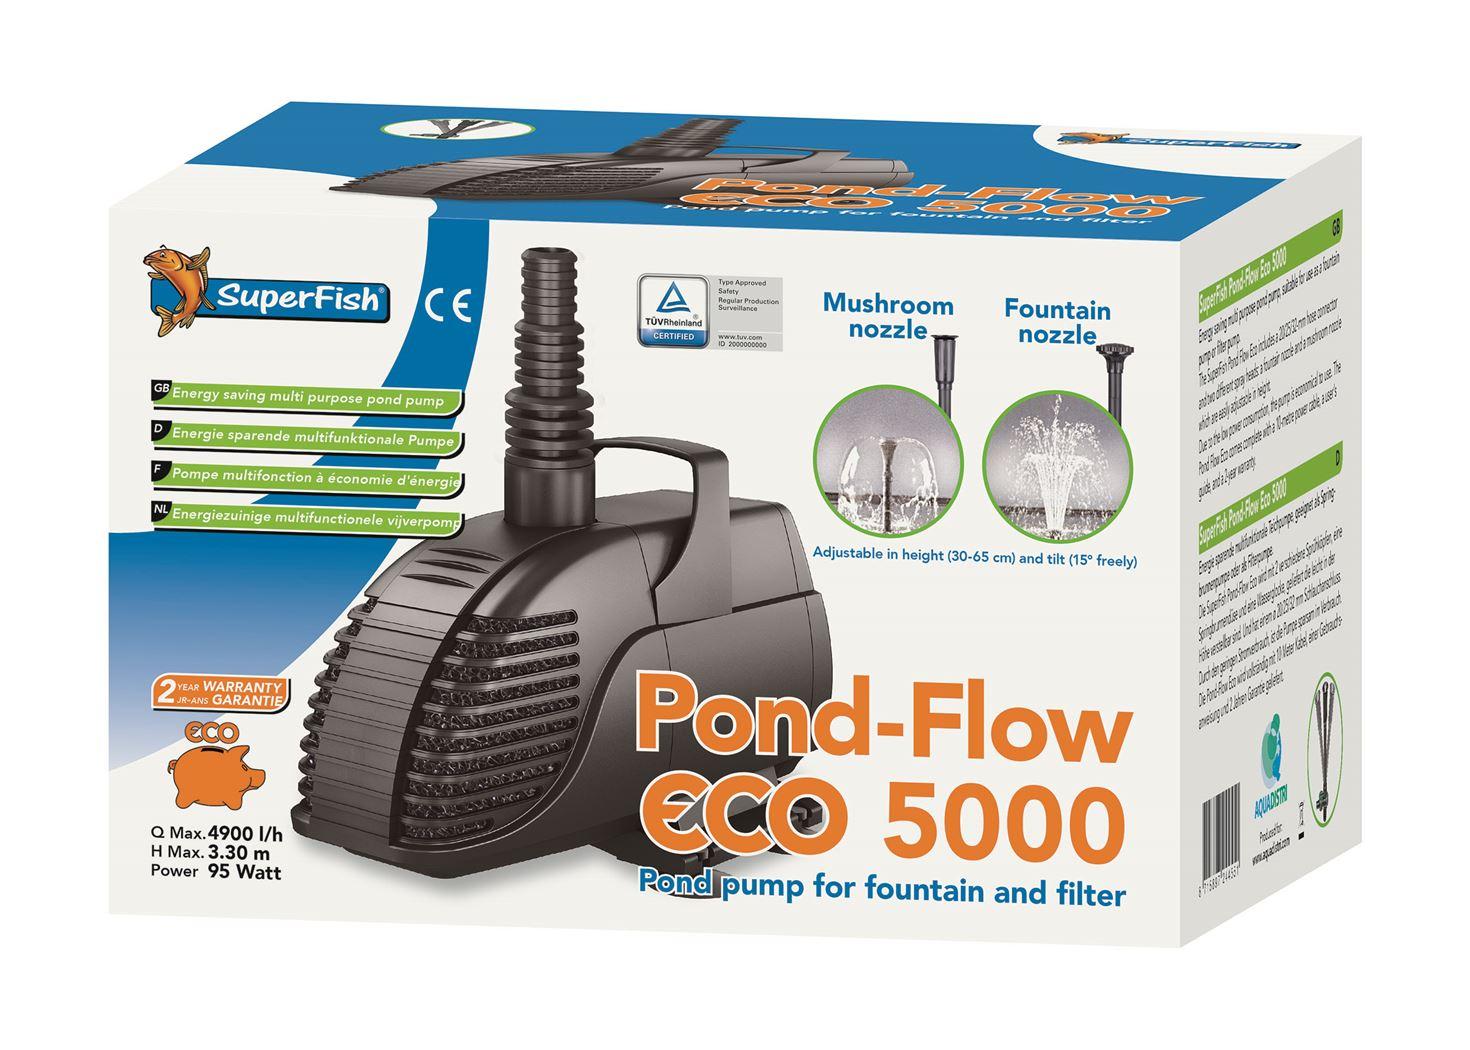 vijverpomp superfish pond flow eco 5000